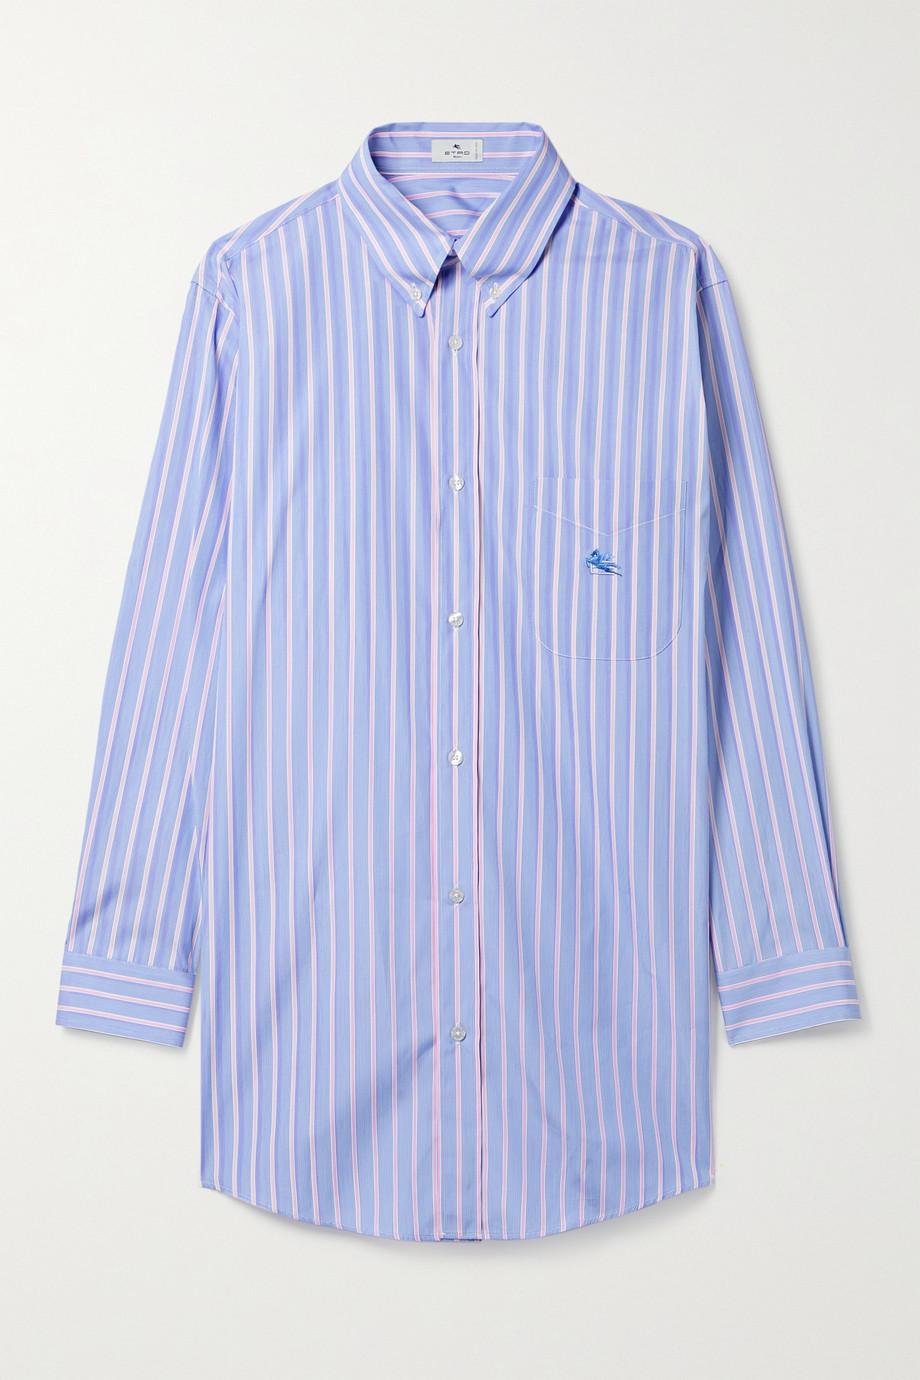 Etro Pinstriped cotton Oxford shirt